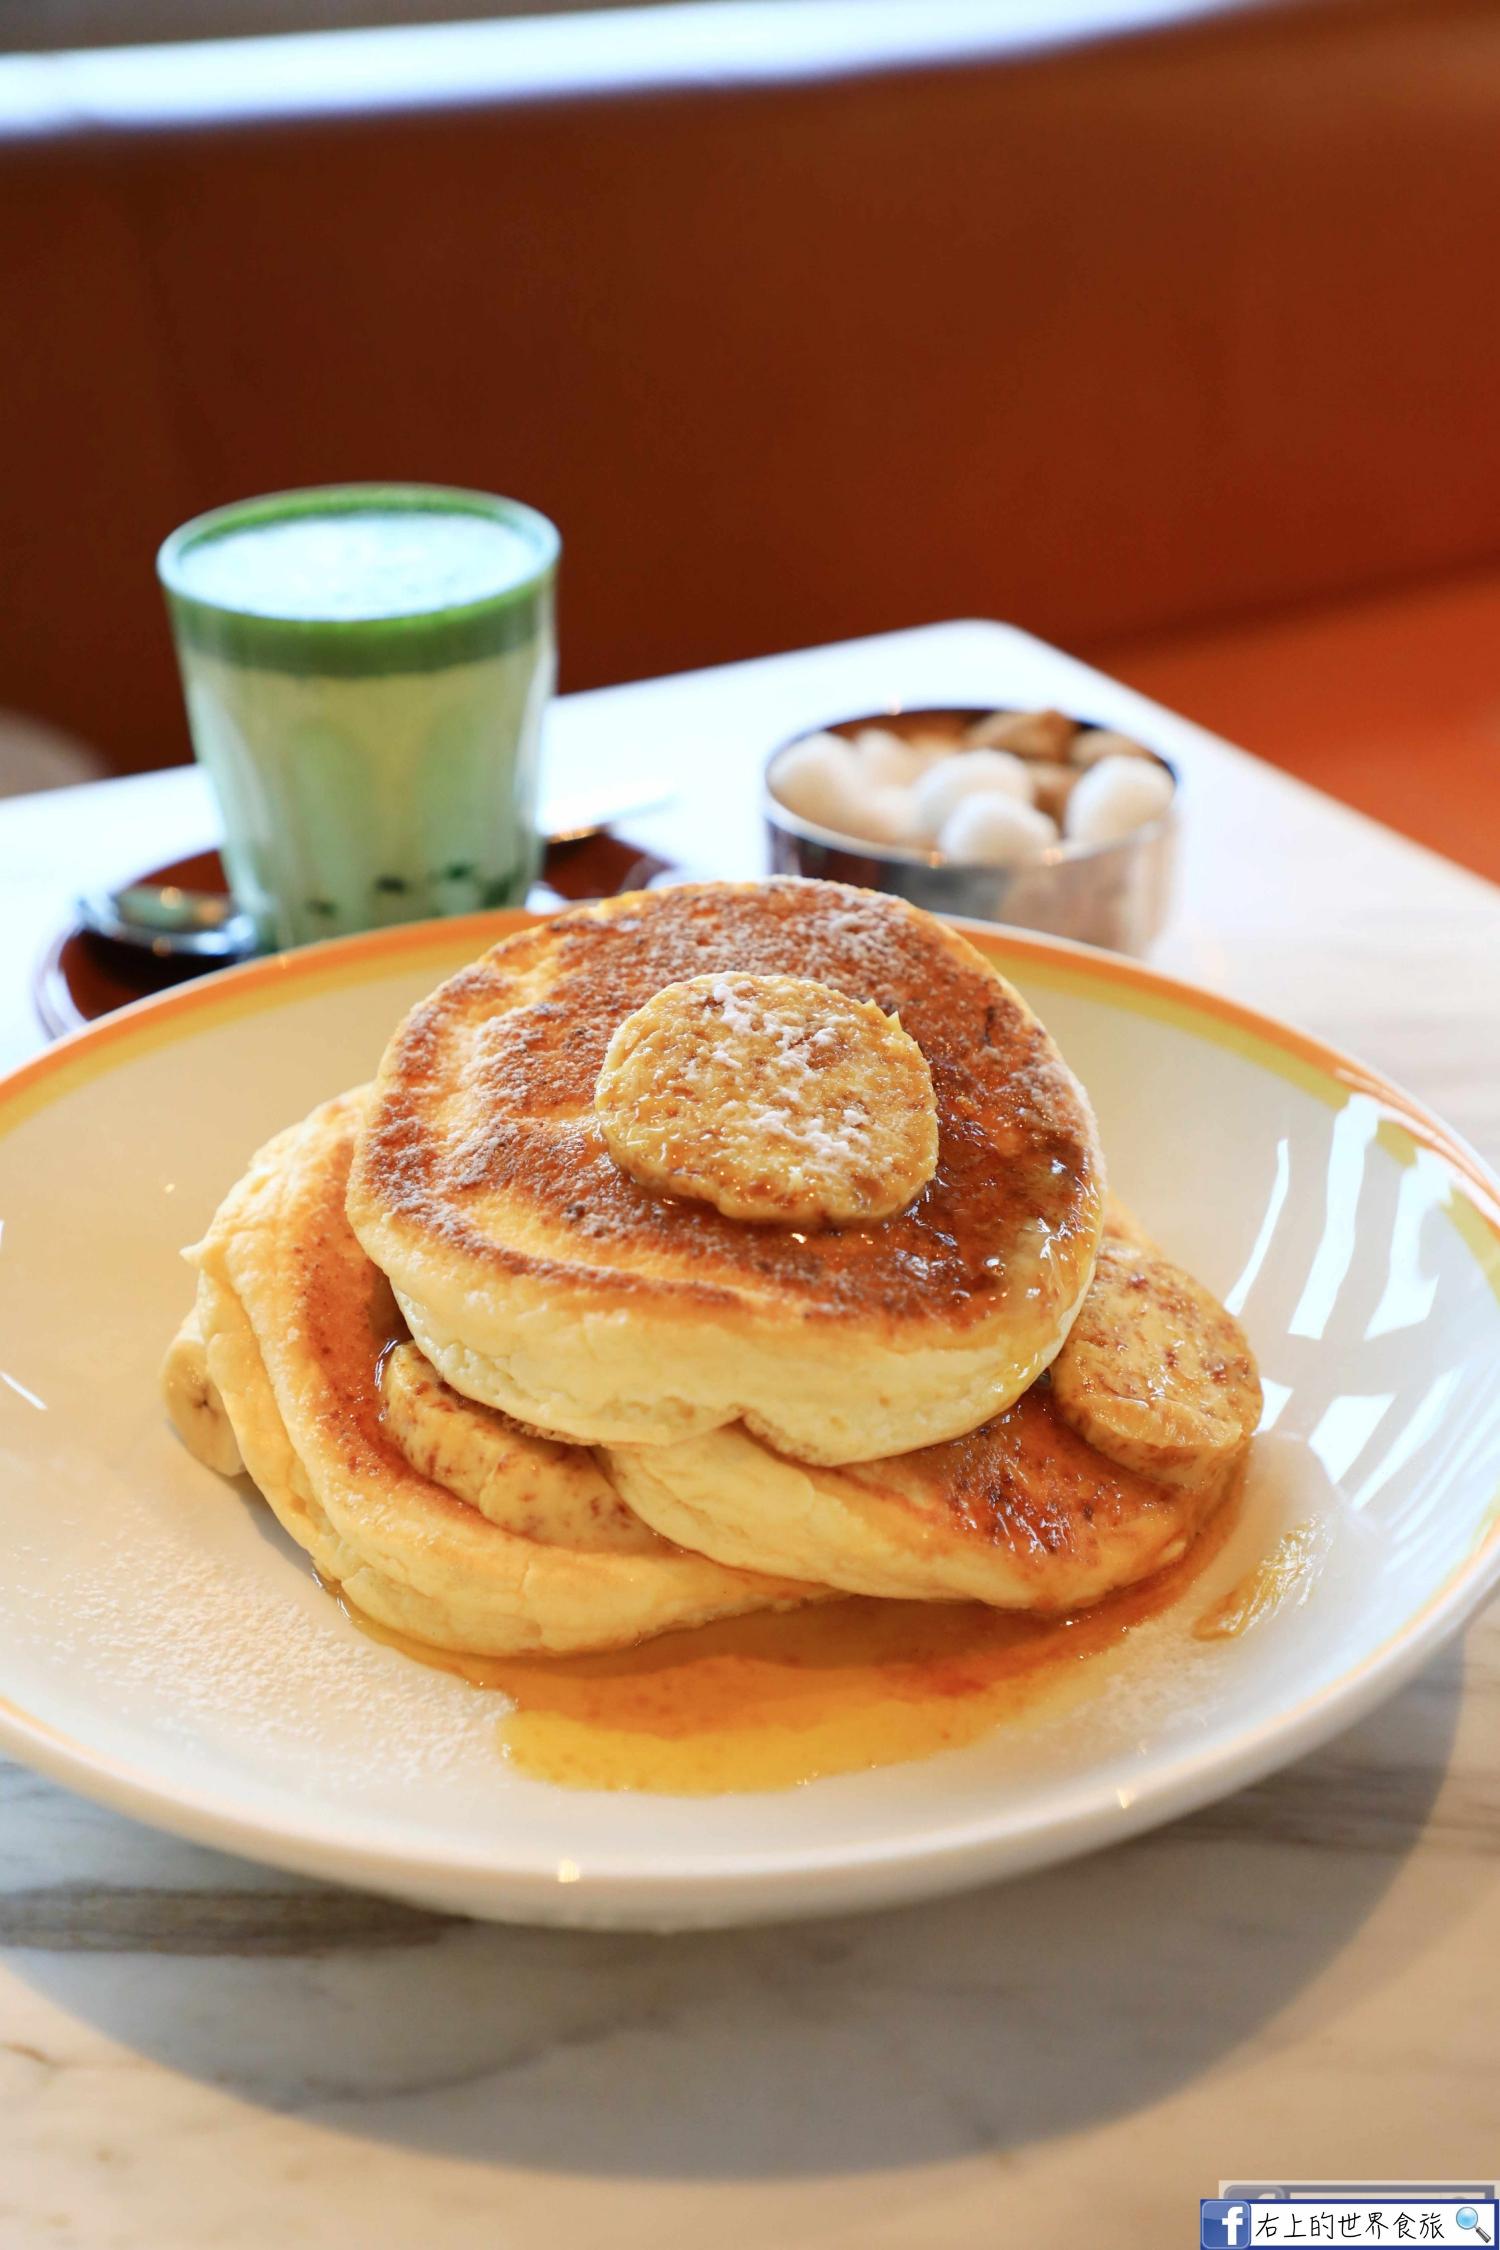 東京 銀座美食-bills銀座店:時代雜誌最美味鬆餅排隊人氣店 @愛旅行 - 右上的世界食旅